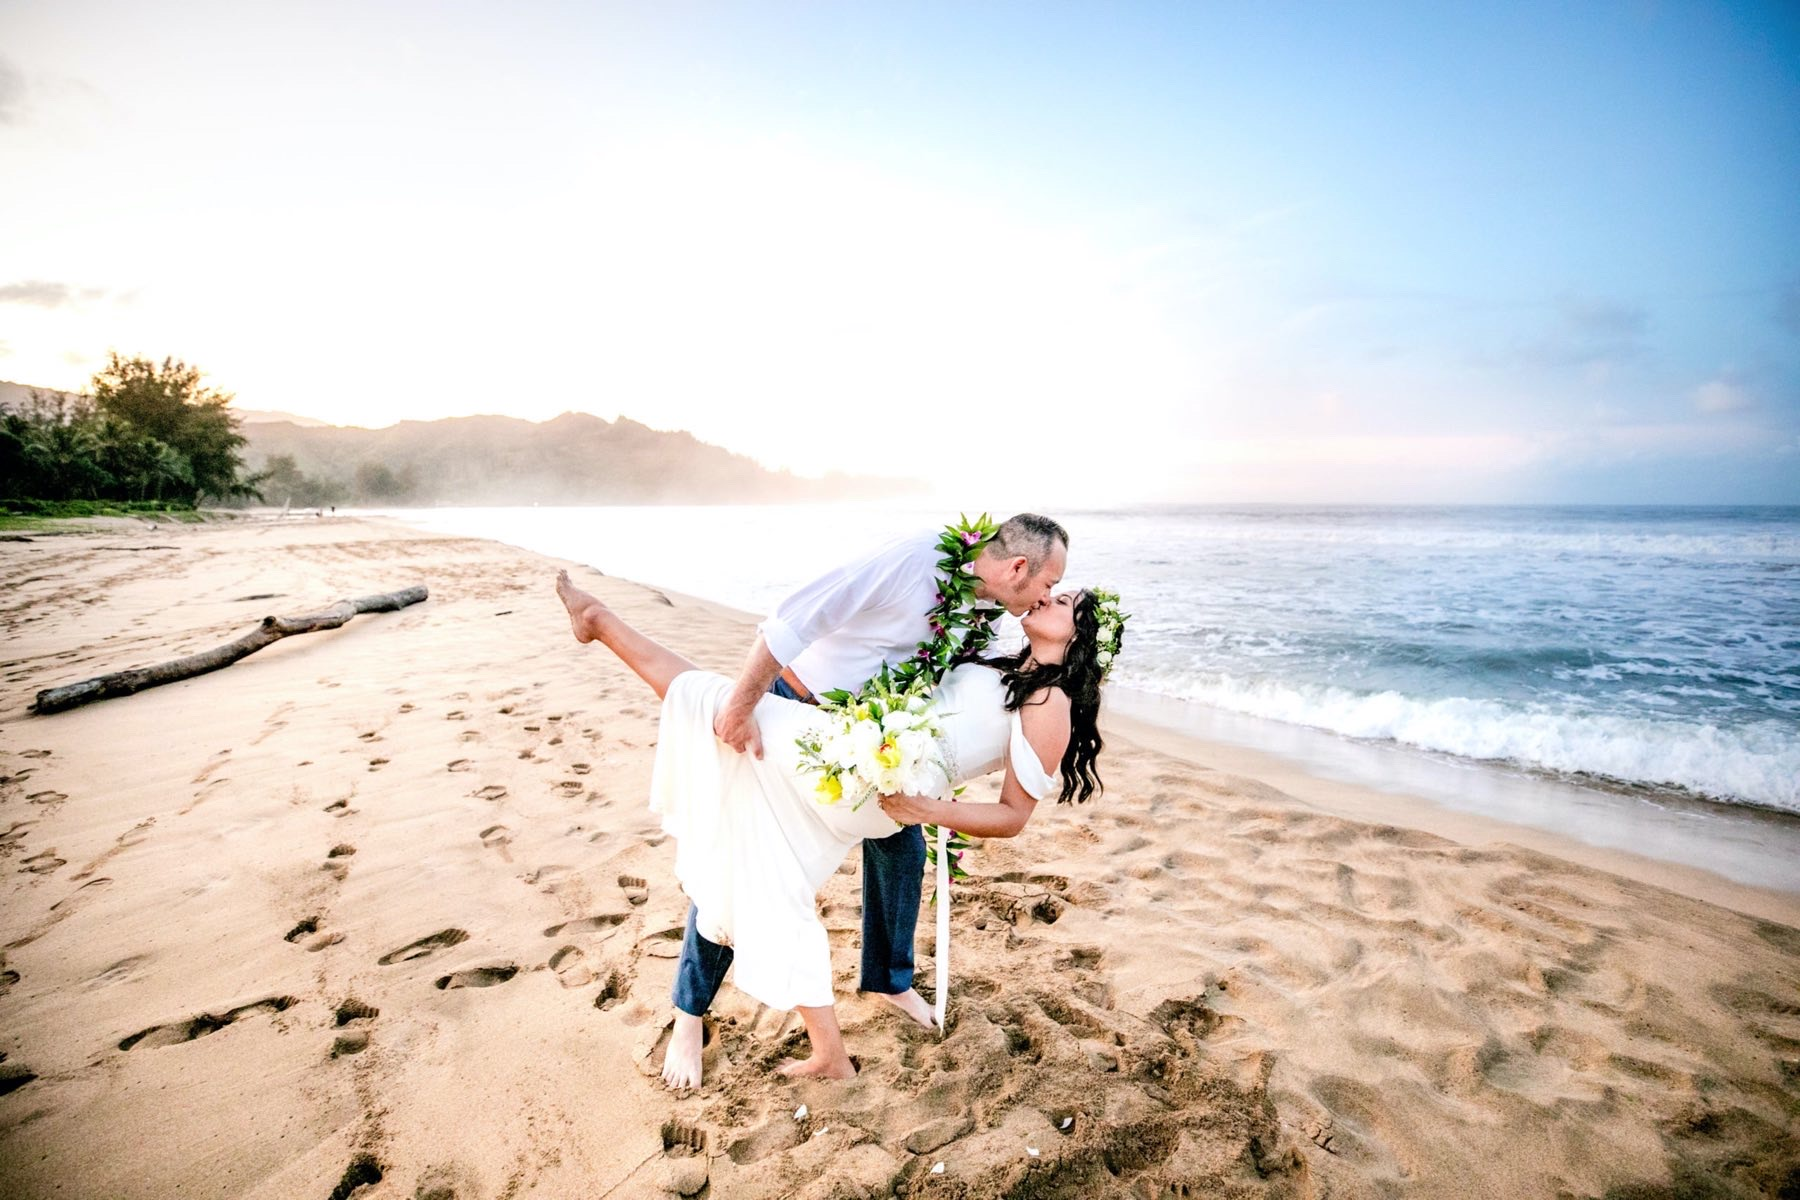 Cassandra & Alex on the beach in Kauai.